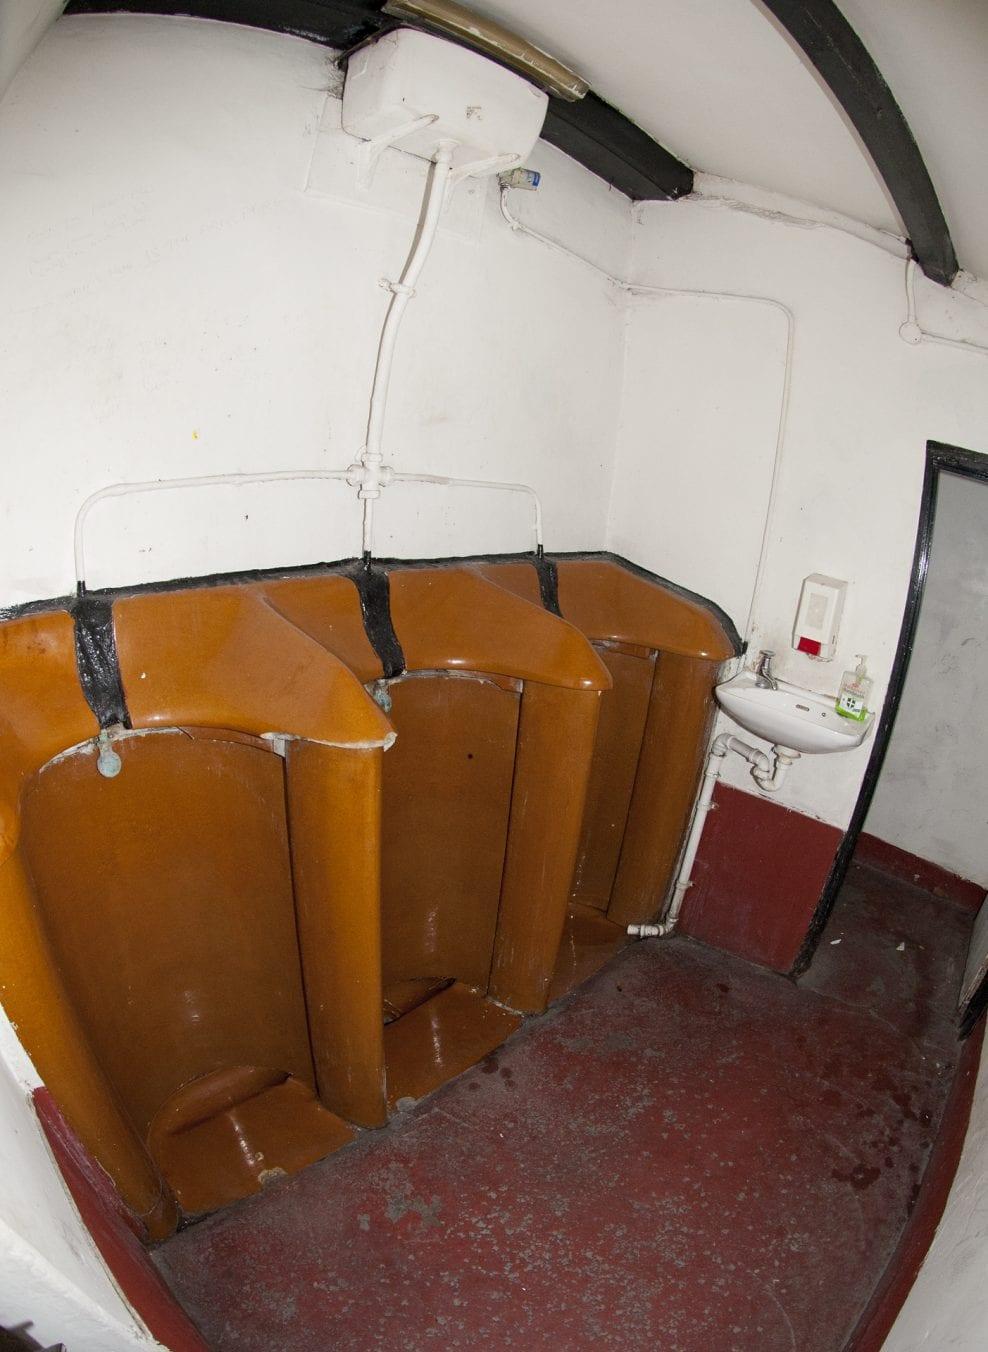 The urinals in situ